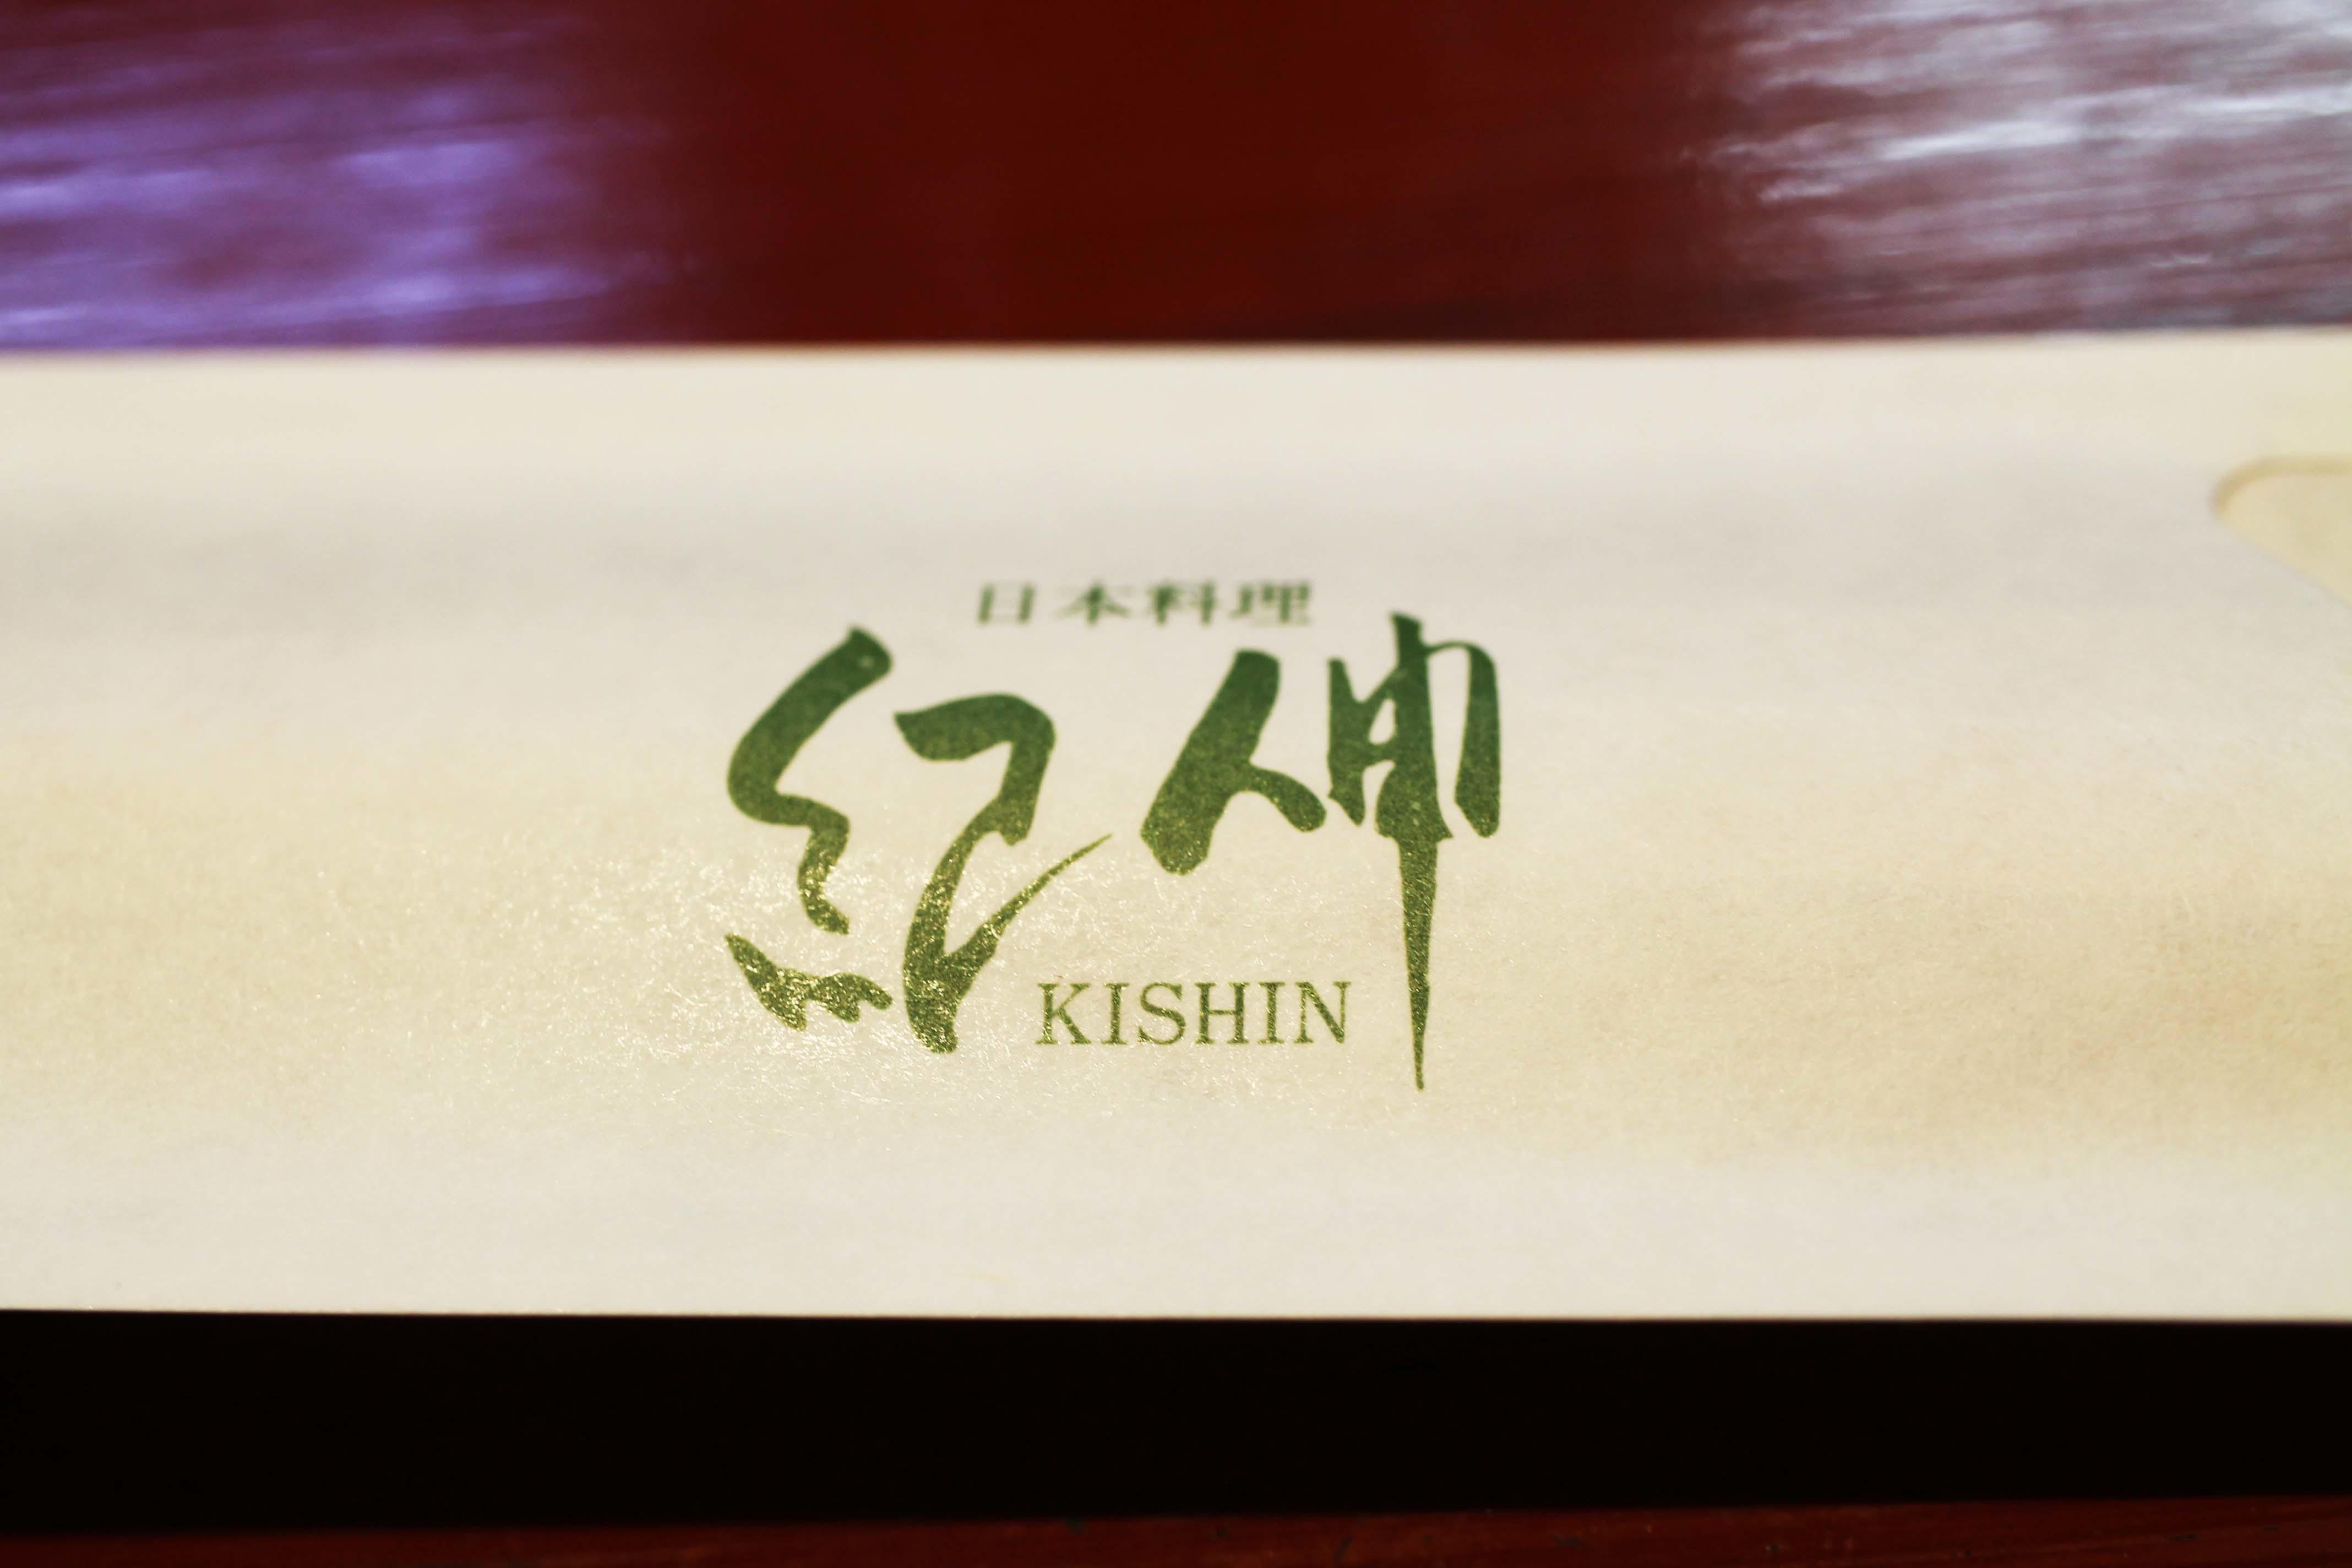 釧路の「紀伸」さんへ行きました! 北海道旅日記3_d0377645_00444552.jpg